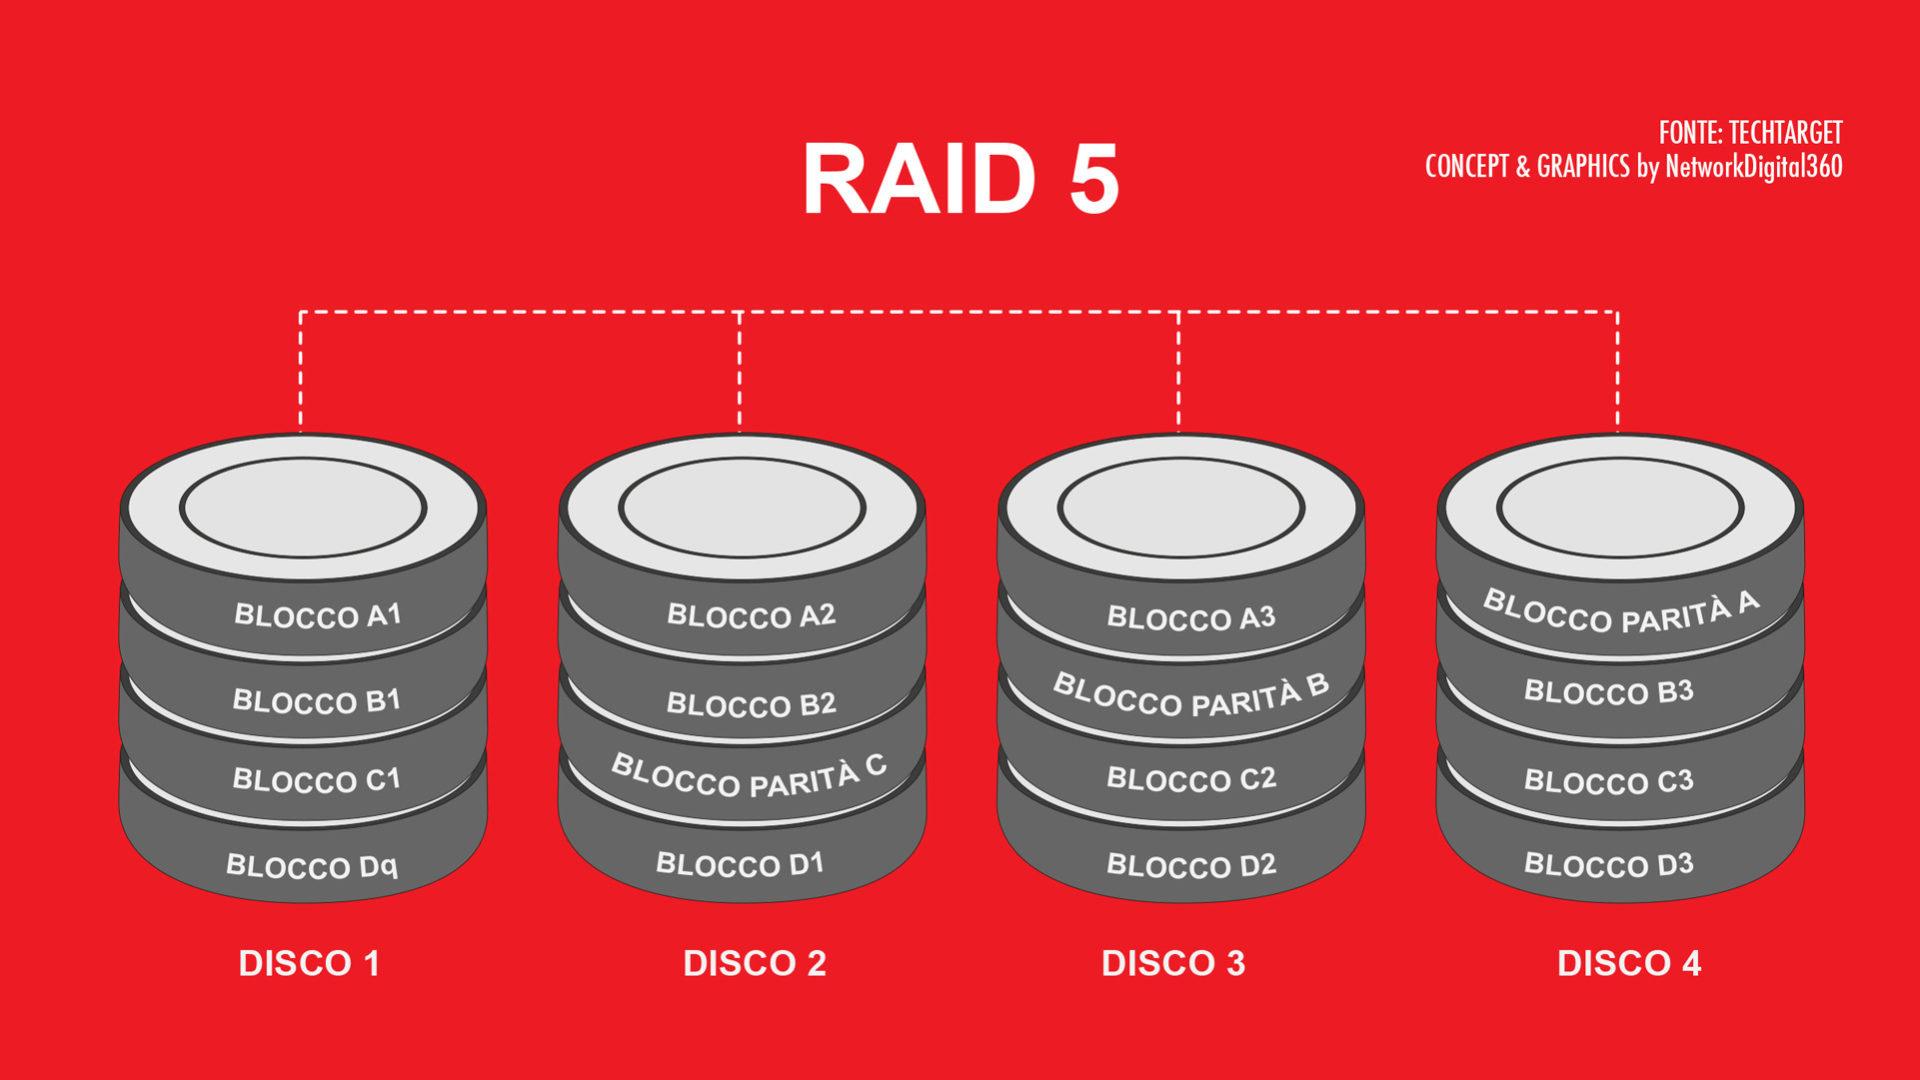 Schema che illustra il funzionamento di RAID 5